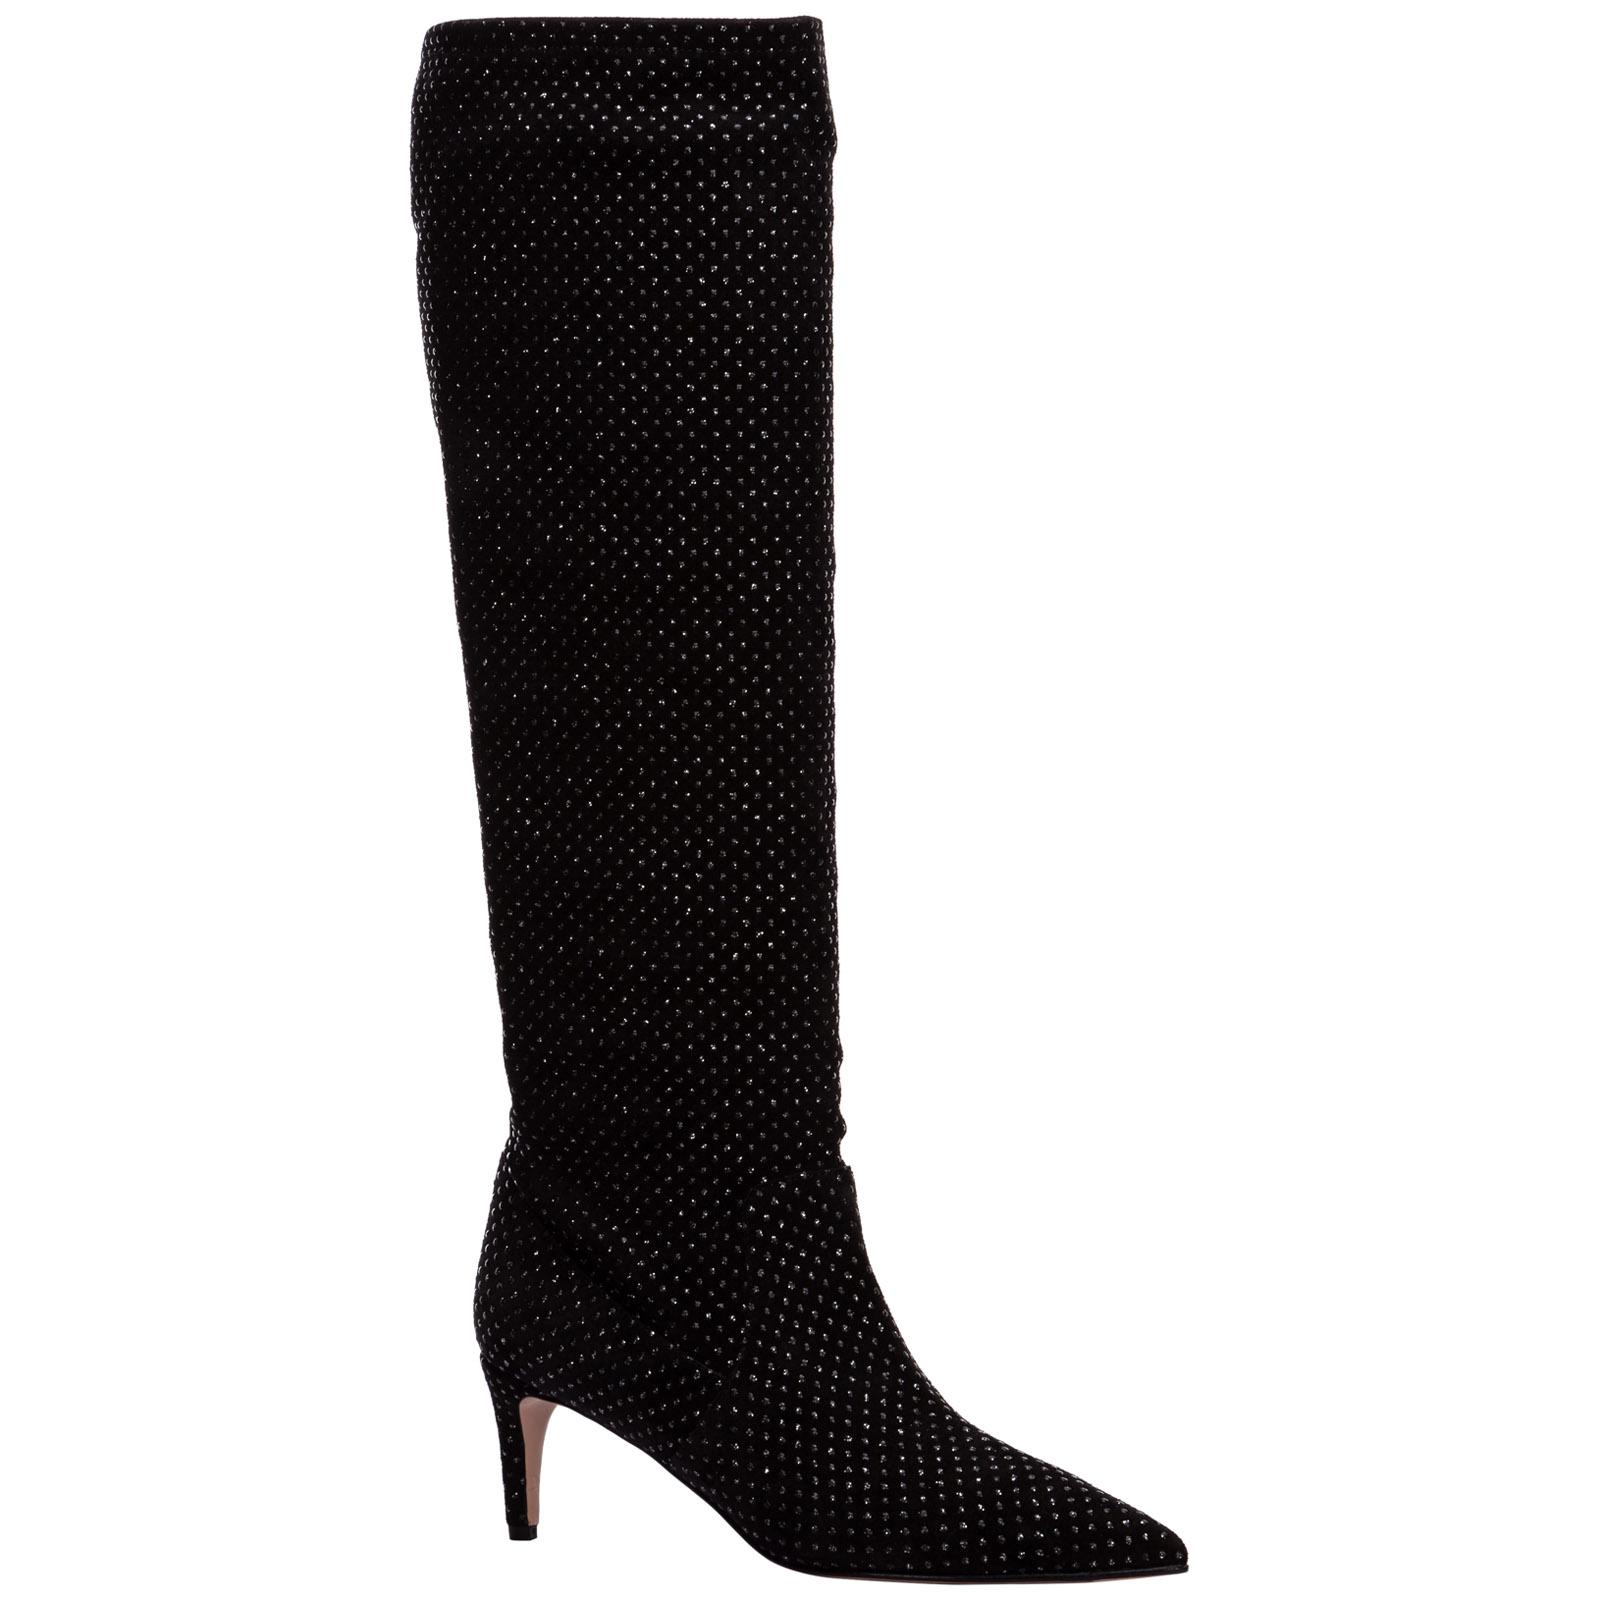 Women's suede heel boots